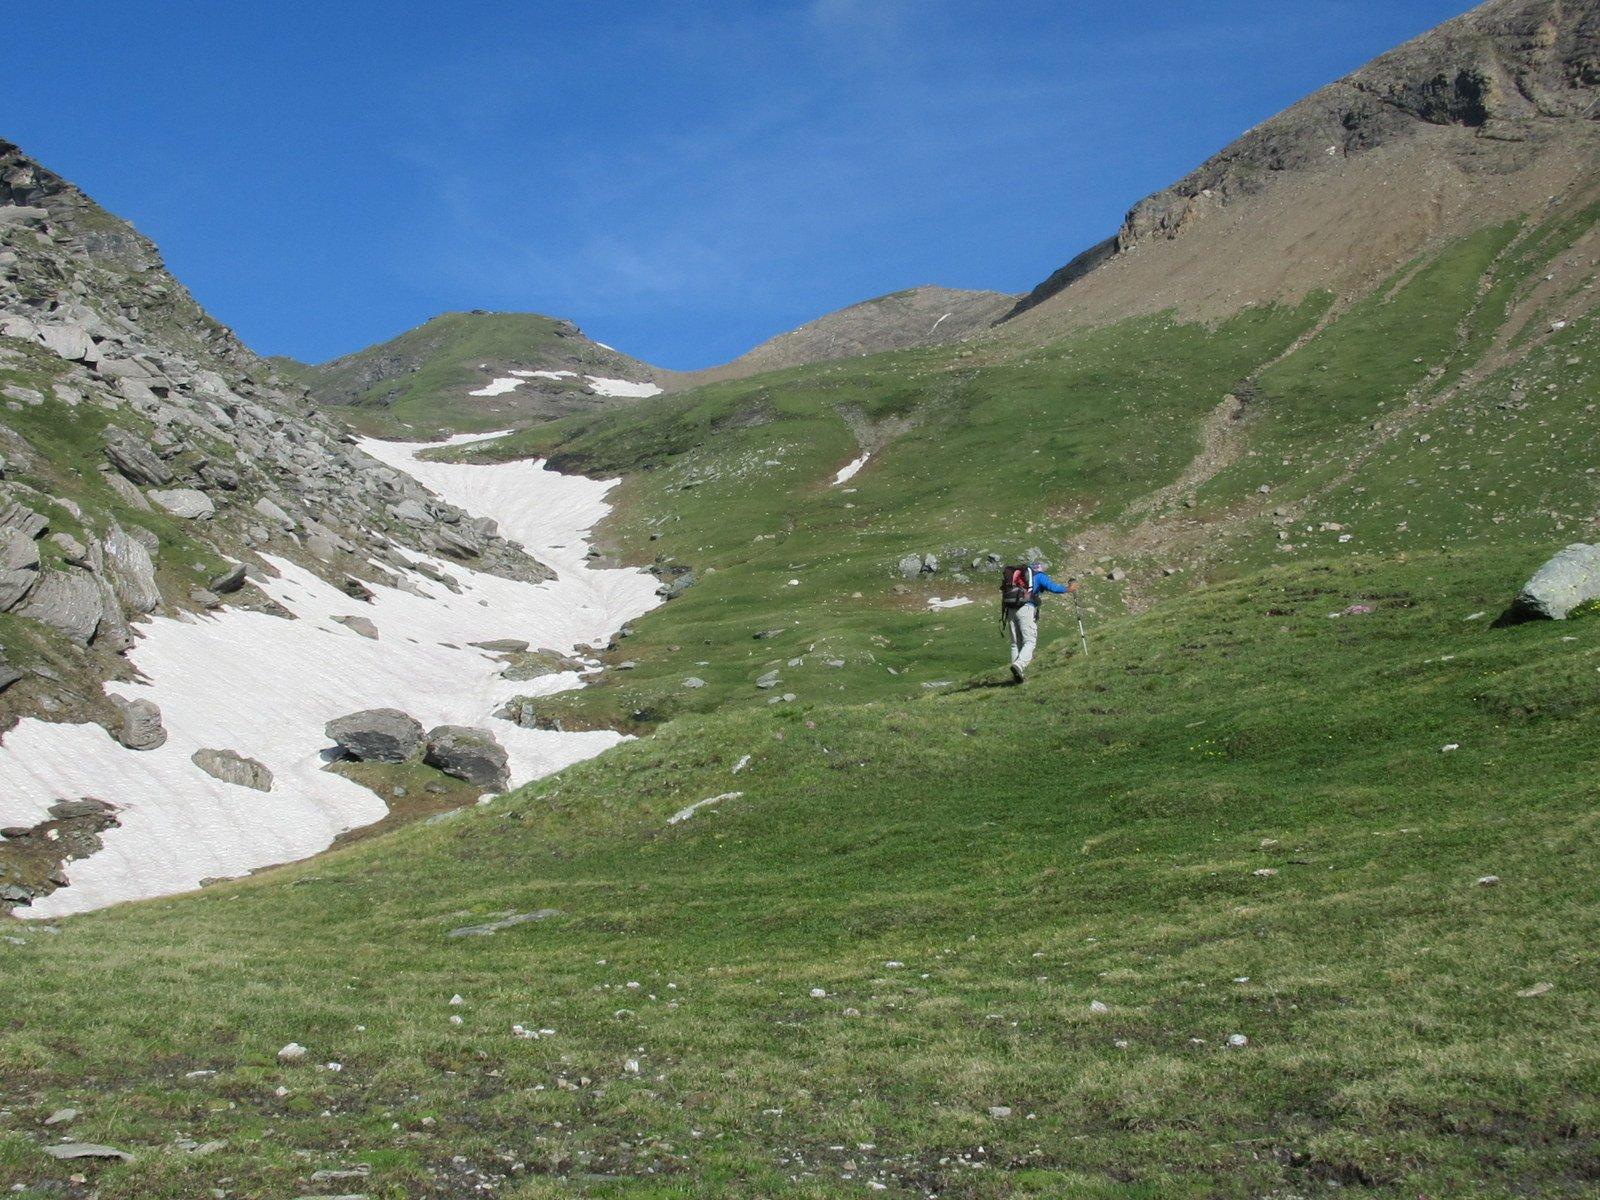 I pendii erbosi oltre q. 2400 dopo aver lasciato il sentiero, in fondo a sinistra la Beccher